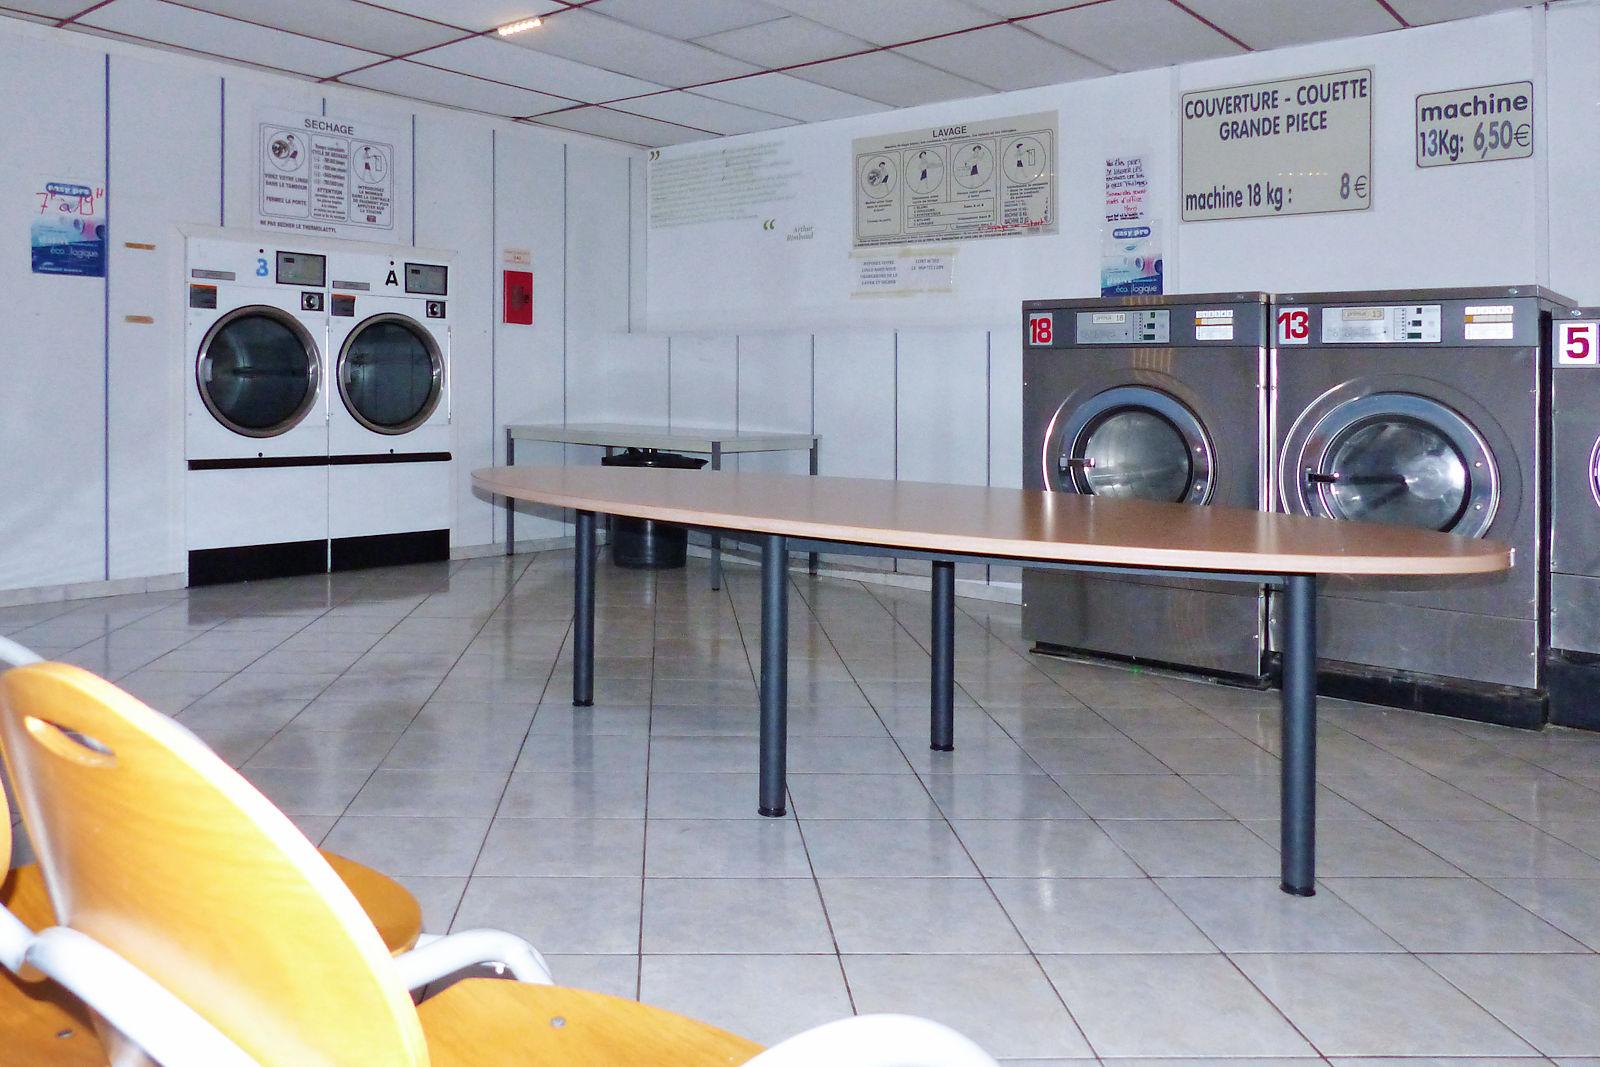 Laverie Automatique Croix-Rouge Tourcoing - Machines